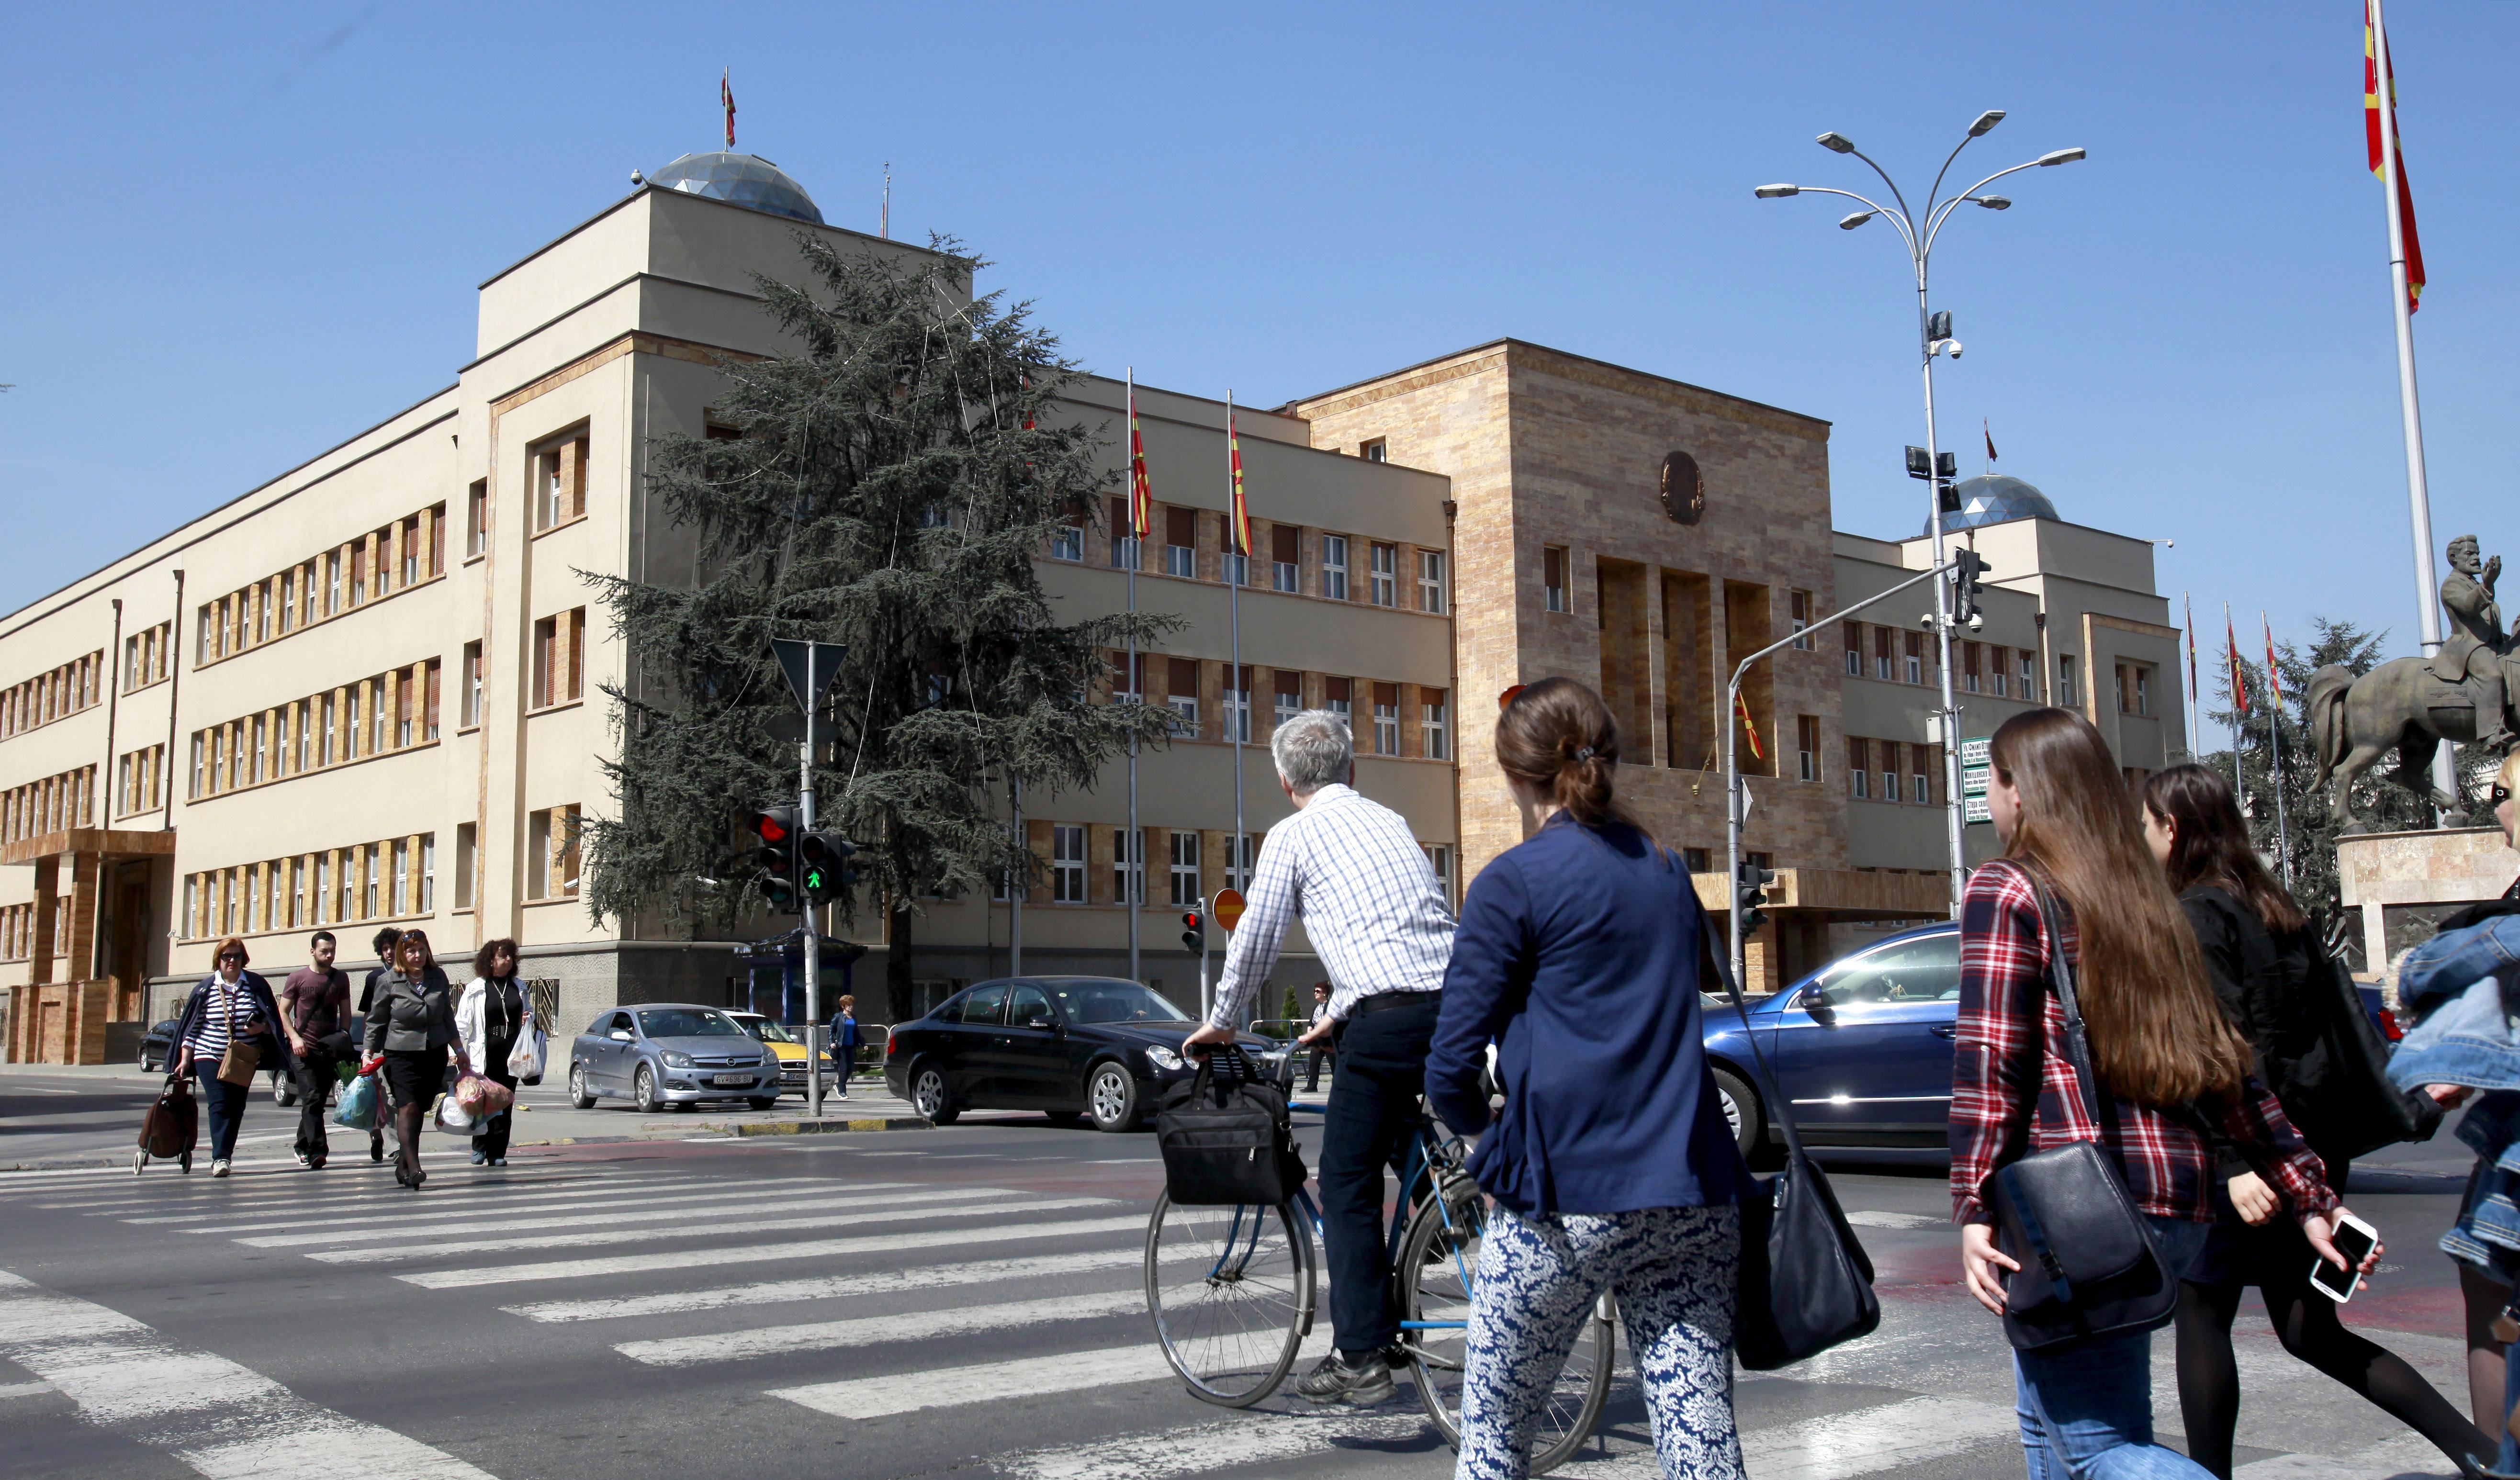 C'est un litige commercial qui a provoqué la fermeture des restaurants McDonald's en Macédoine